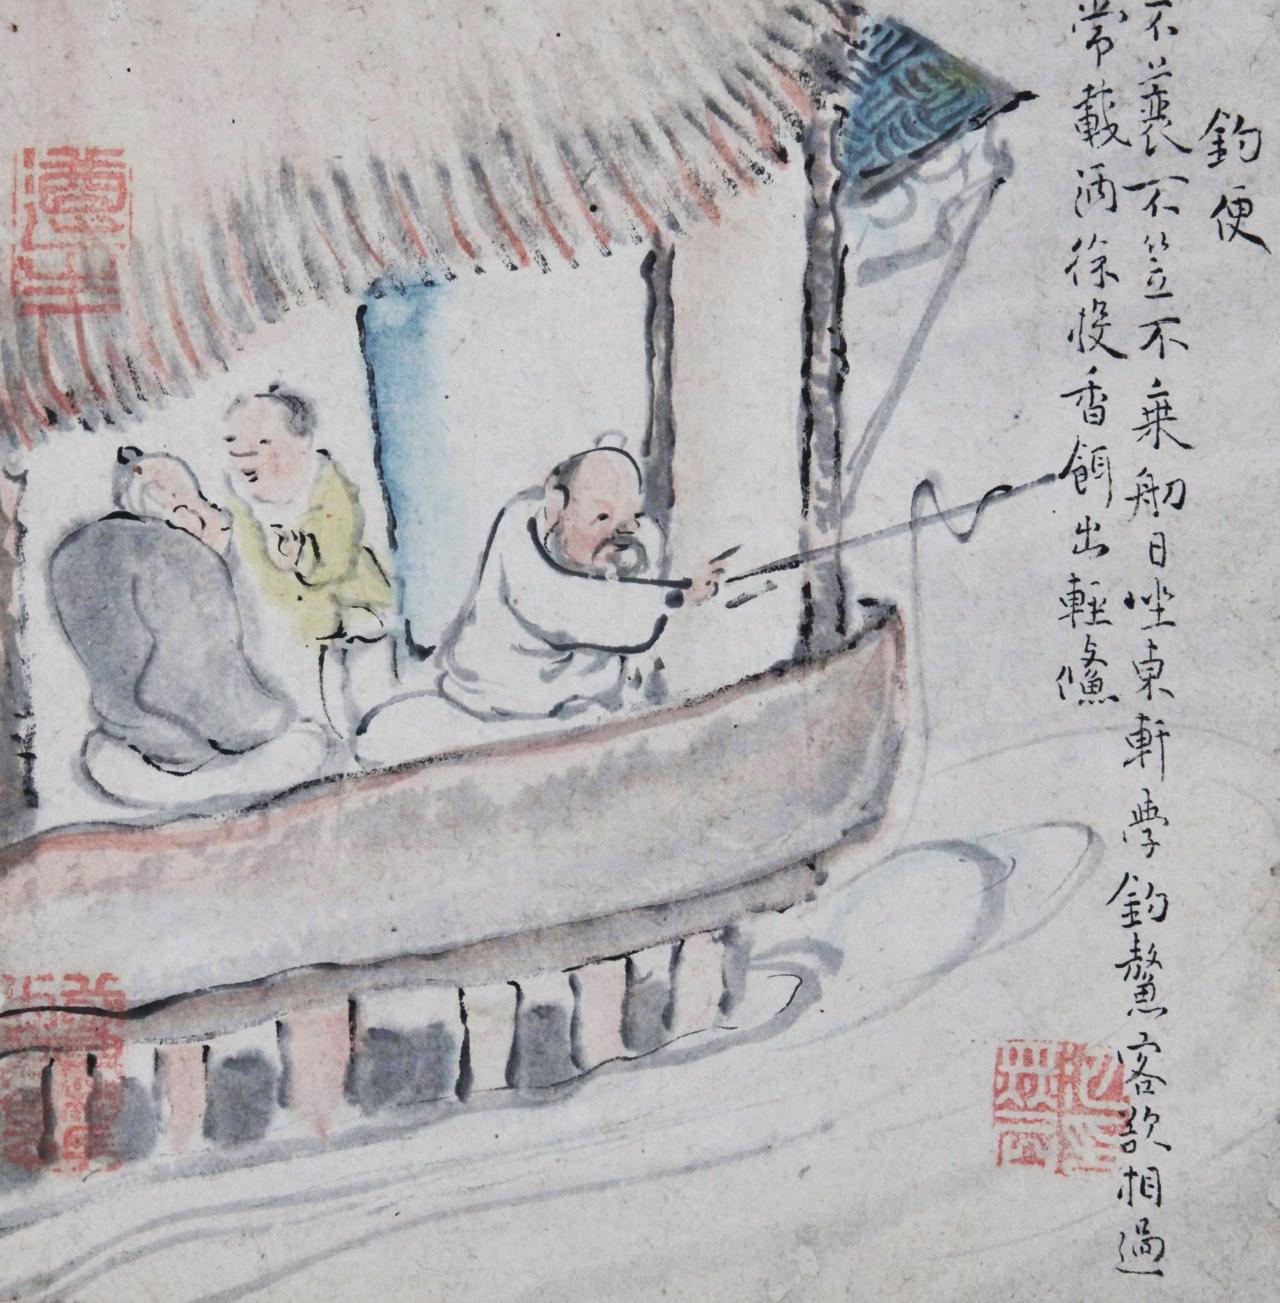 【国宝】池大雅《十便図》のうち〈釣便〉1771(明和8)年